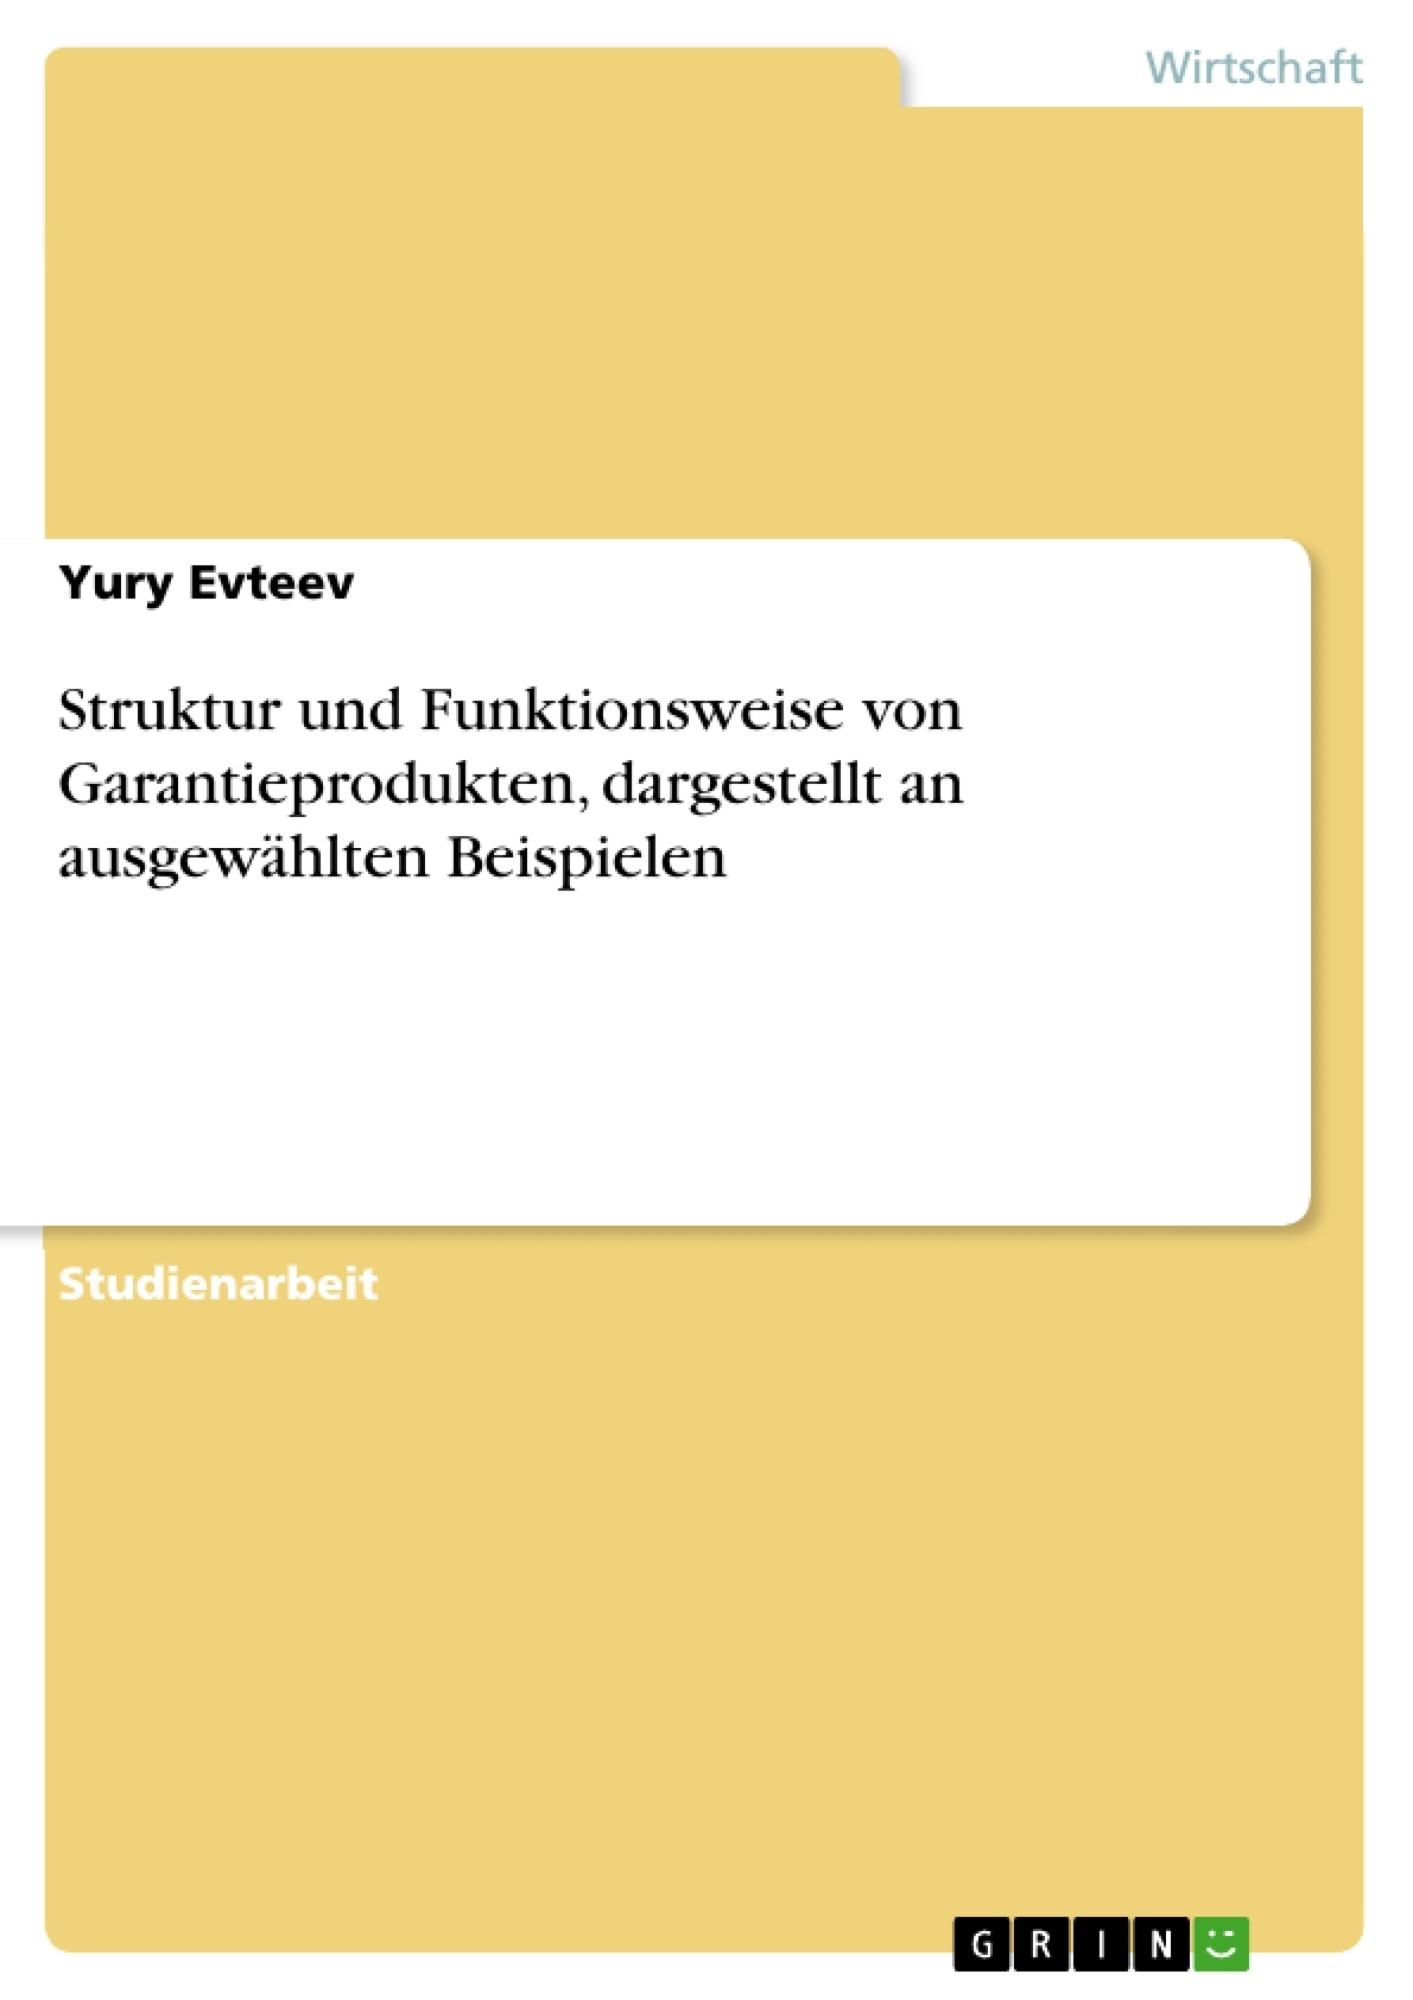 Titel: Struktur und Funktionsweise von Garantieprodukten, dargestellt an ausgewählten Beispielen